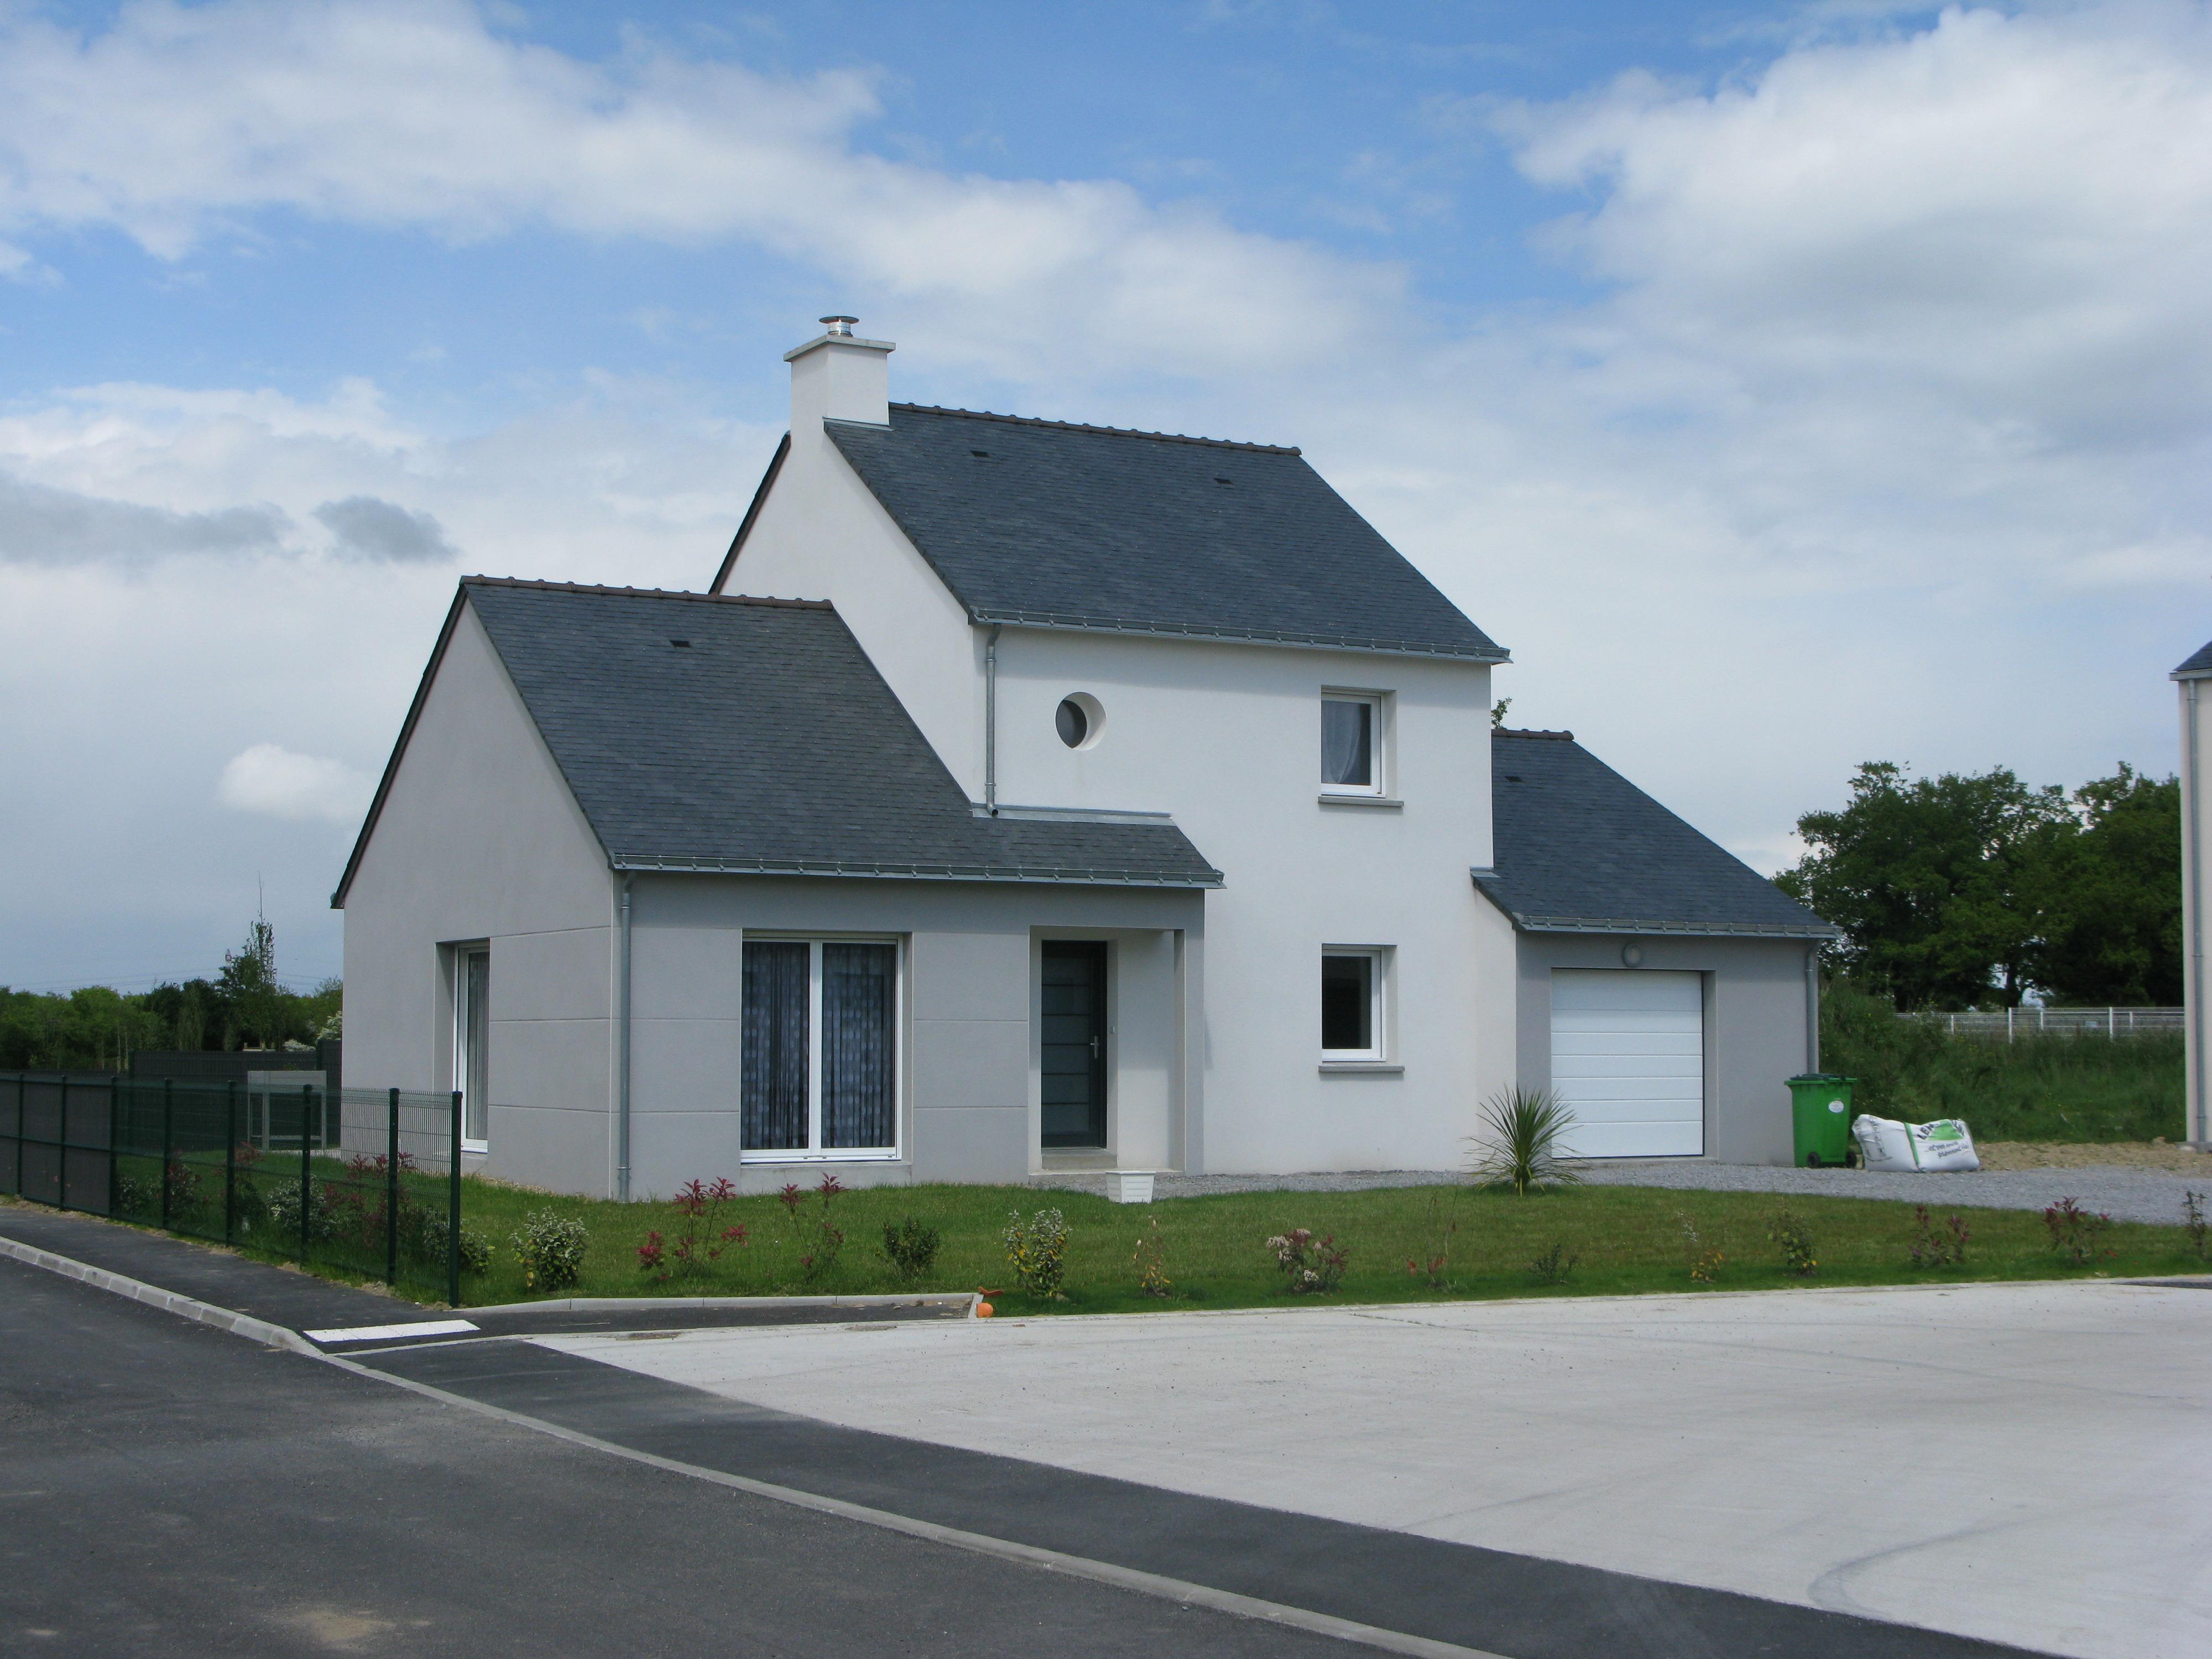 constructeur maison bretagne maison moderne ForConstructeur Maison Bretagne